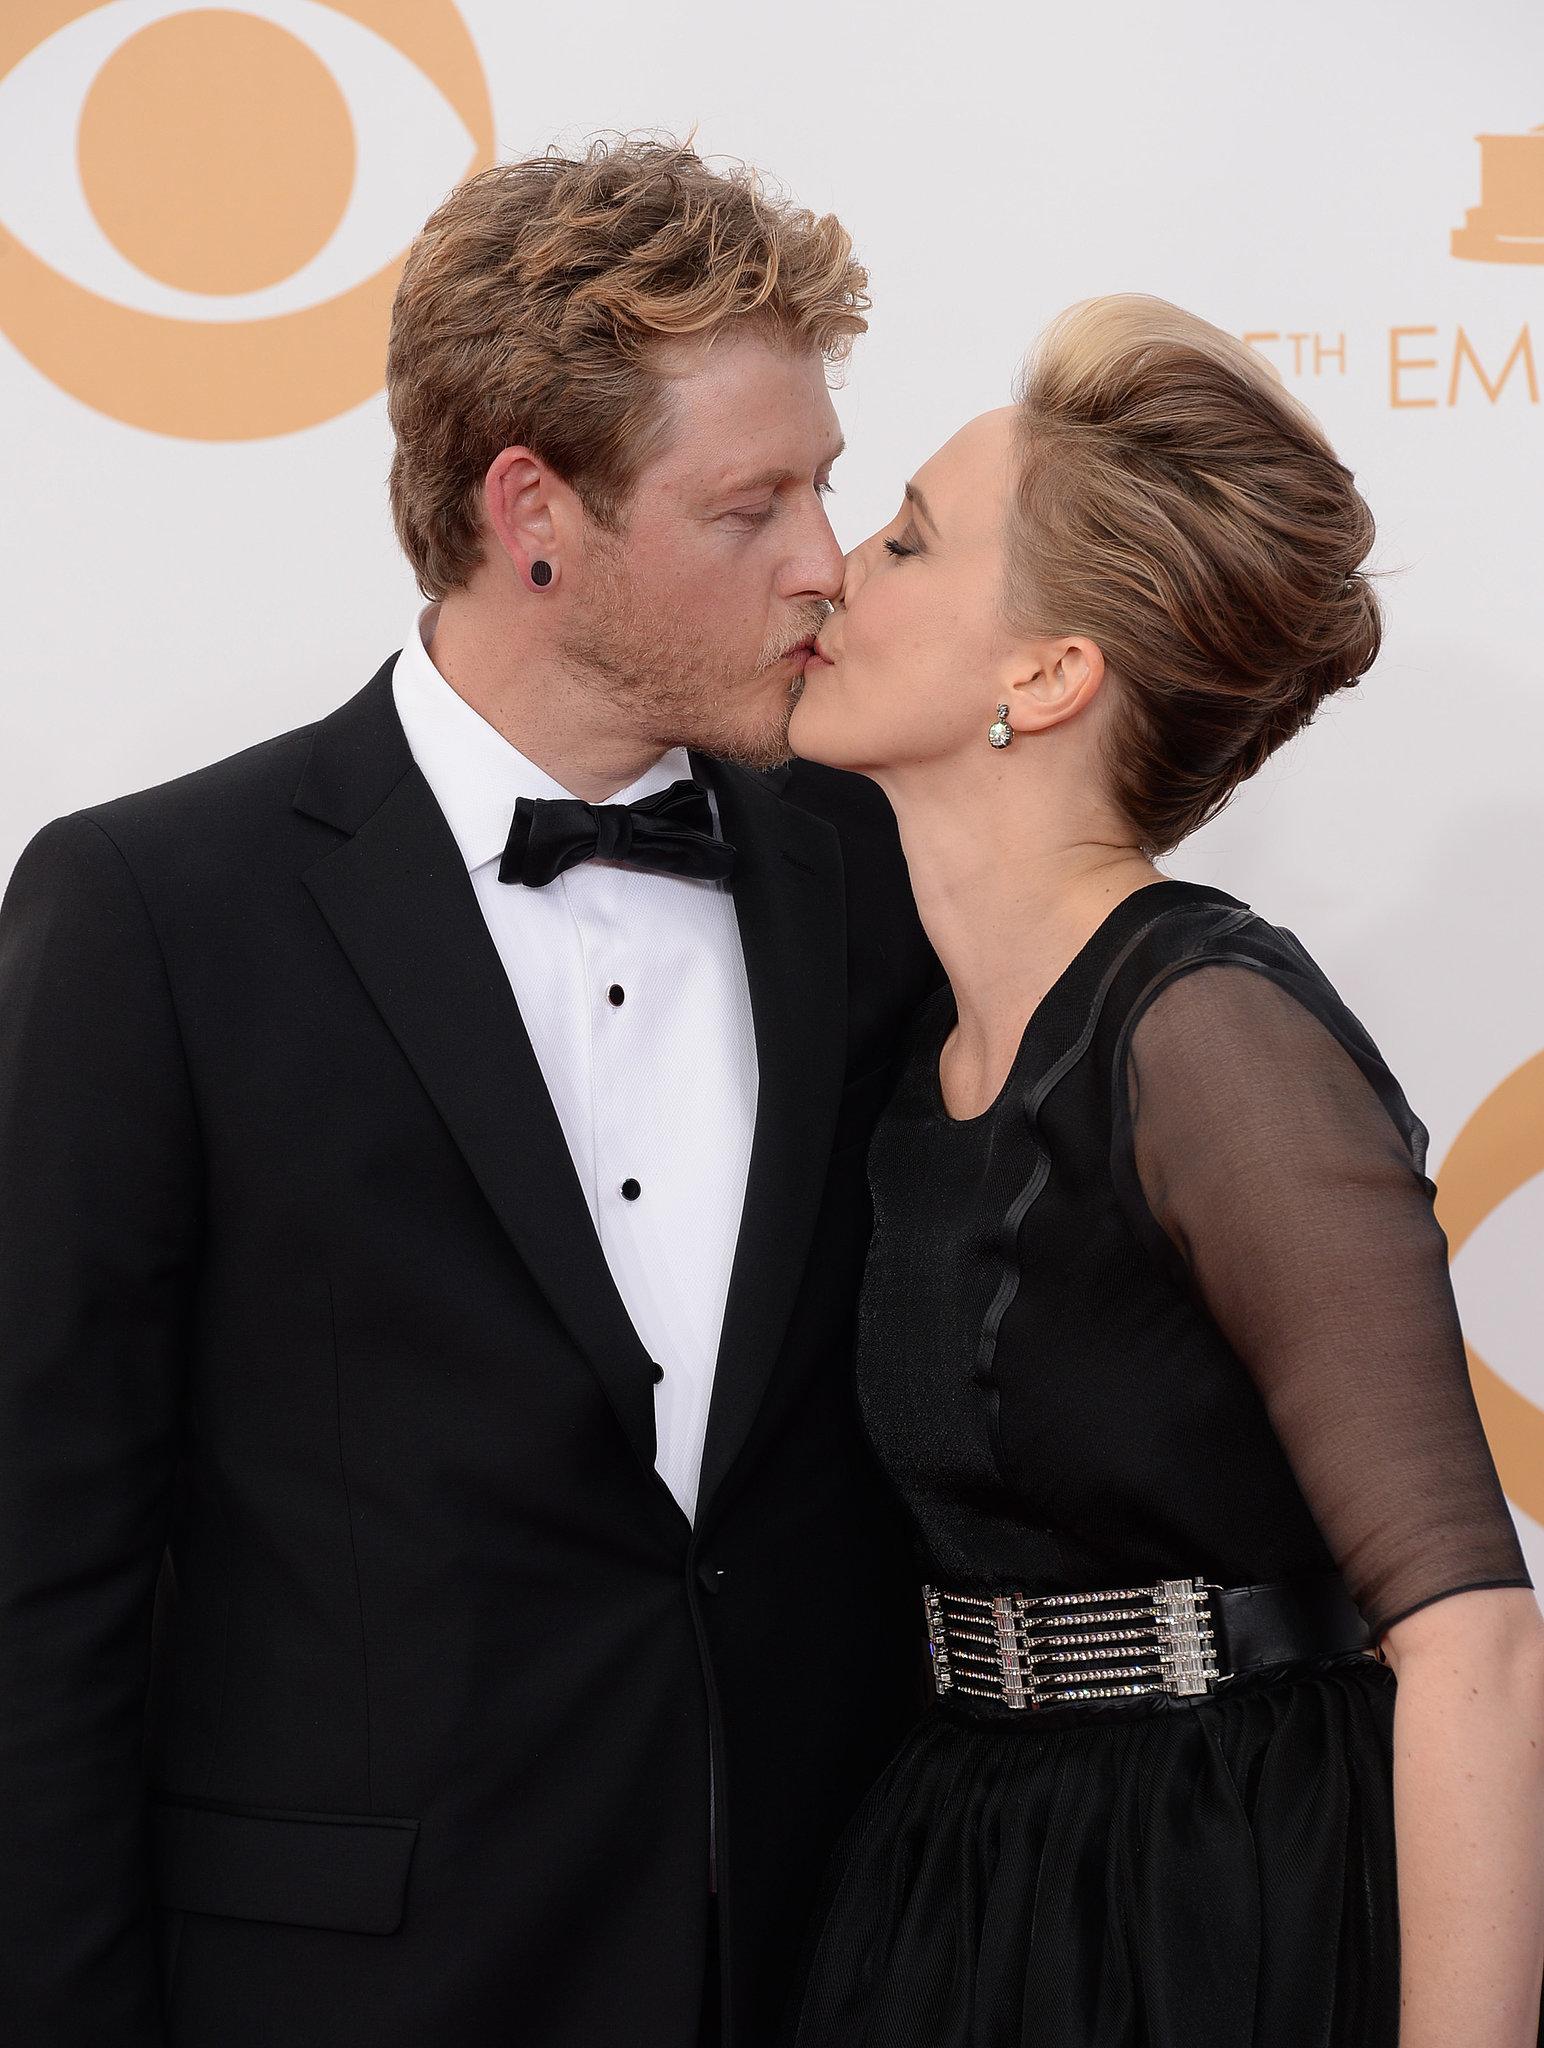 Vera Farmiga kissed husband Renn Hawkey on the Emmys red carpet.